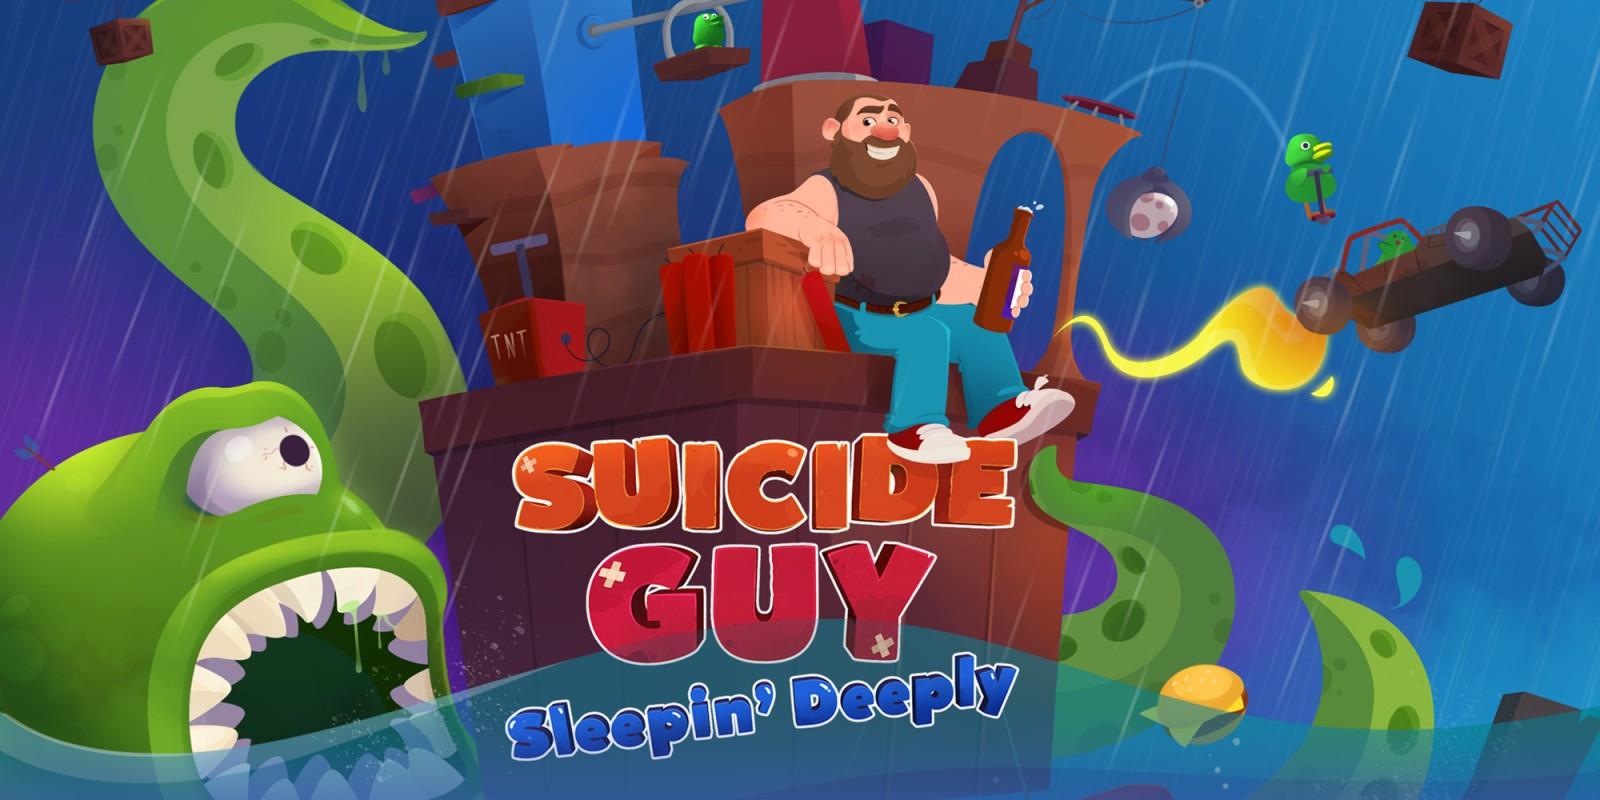 SuicideGuy